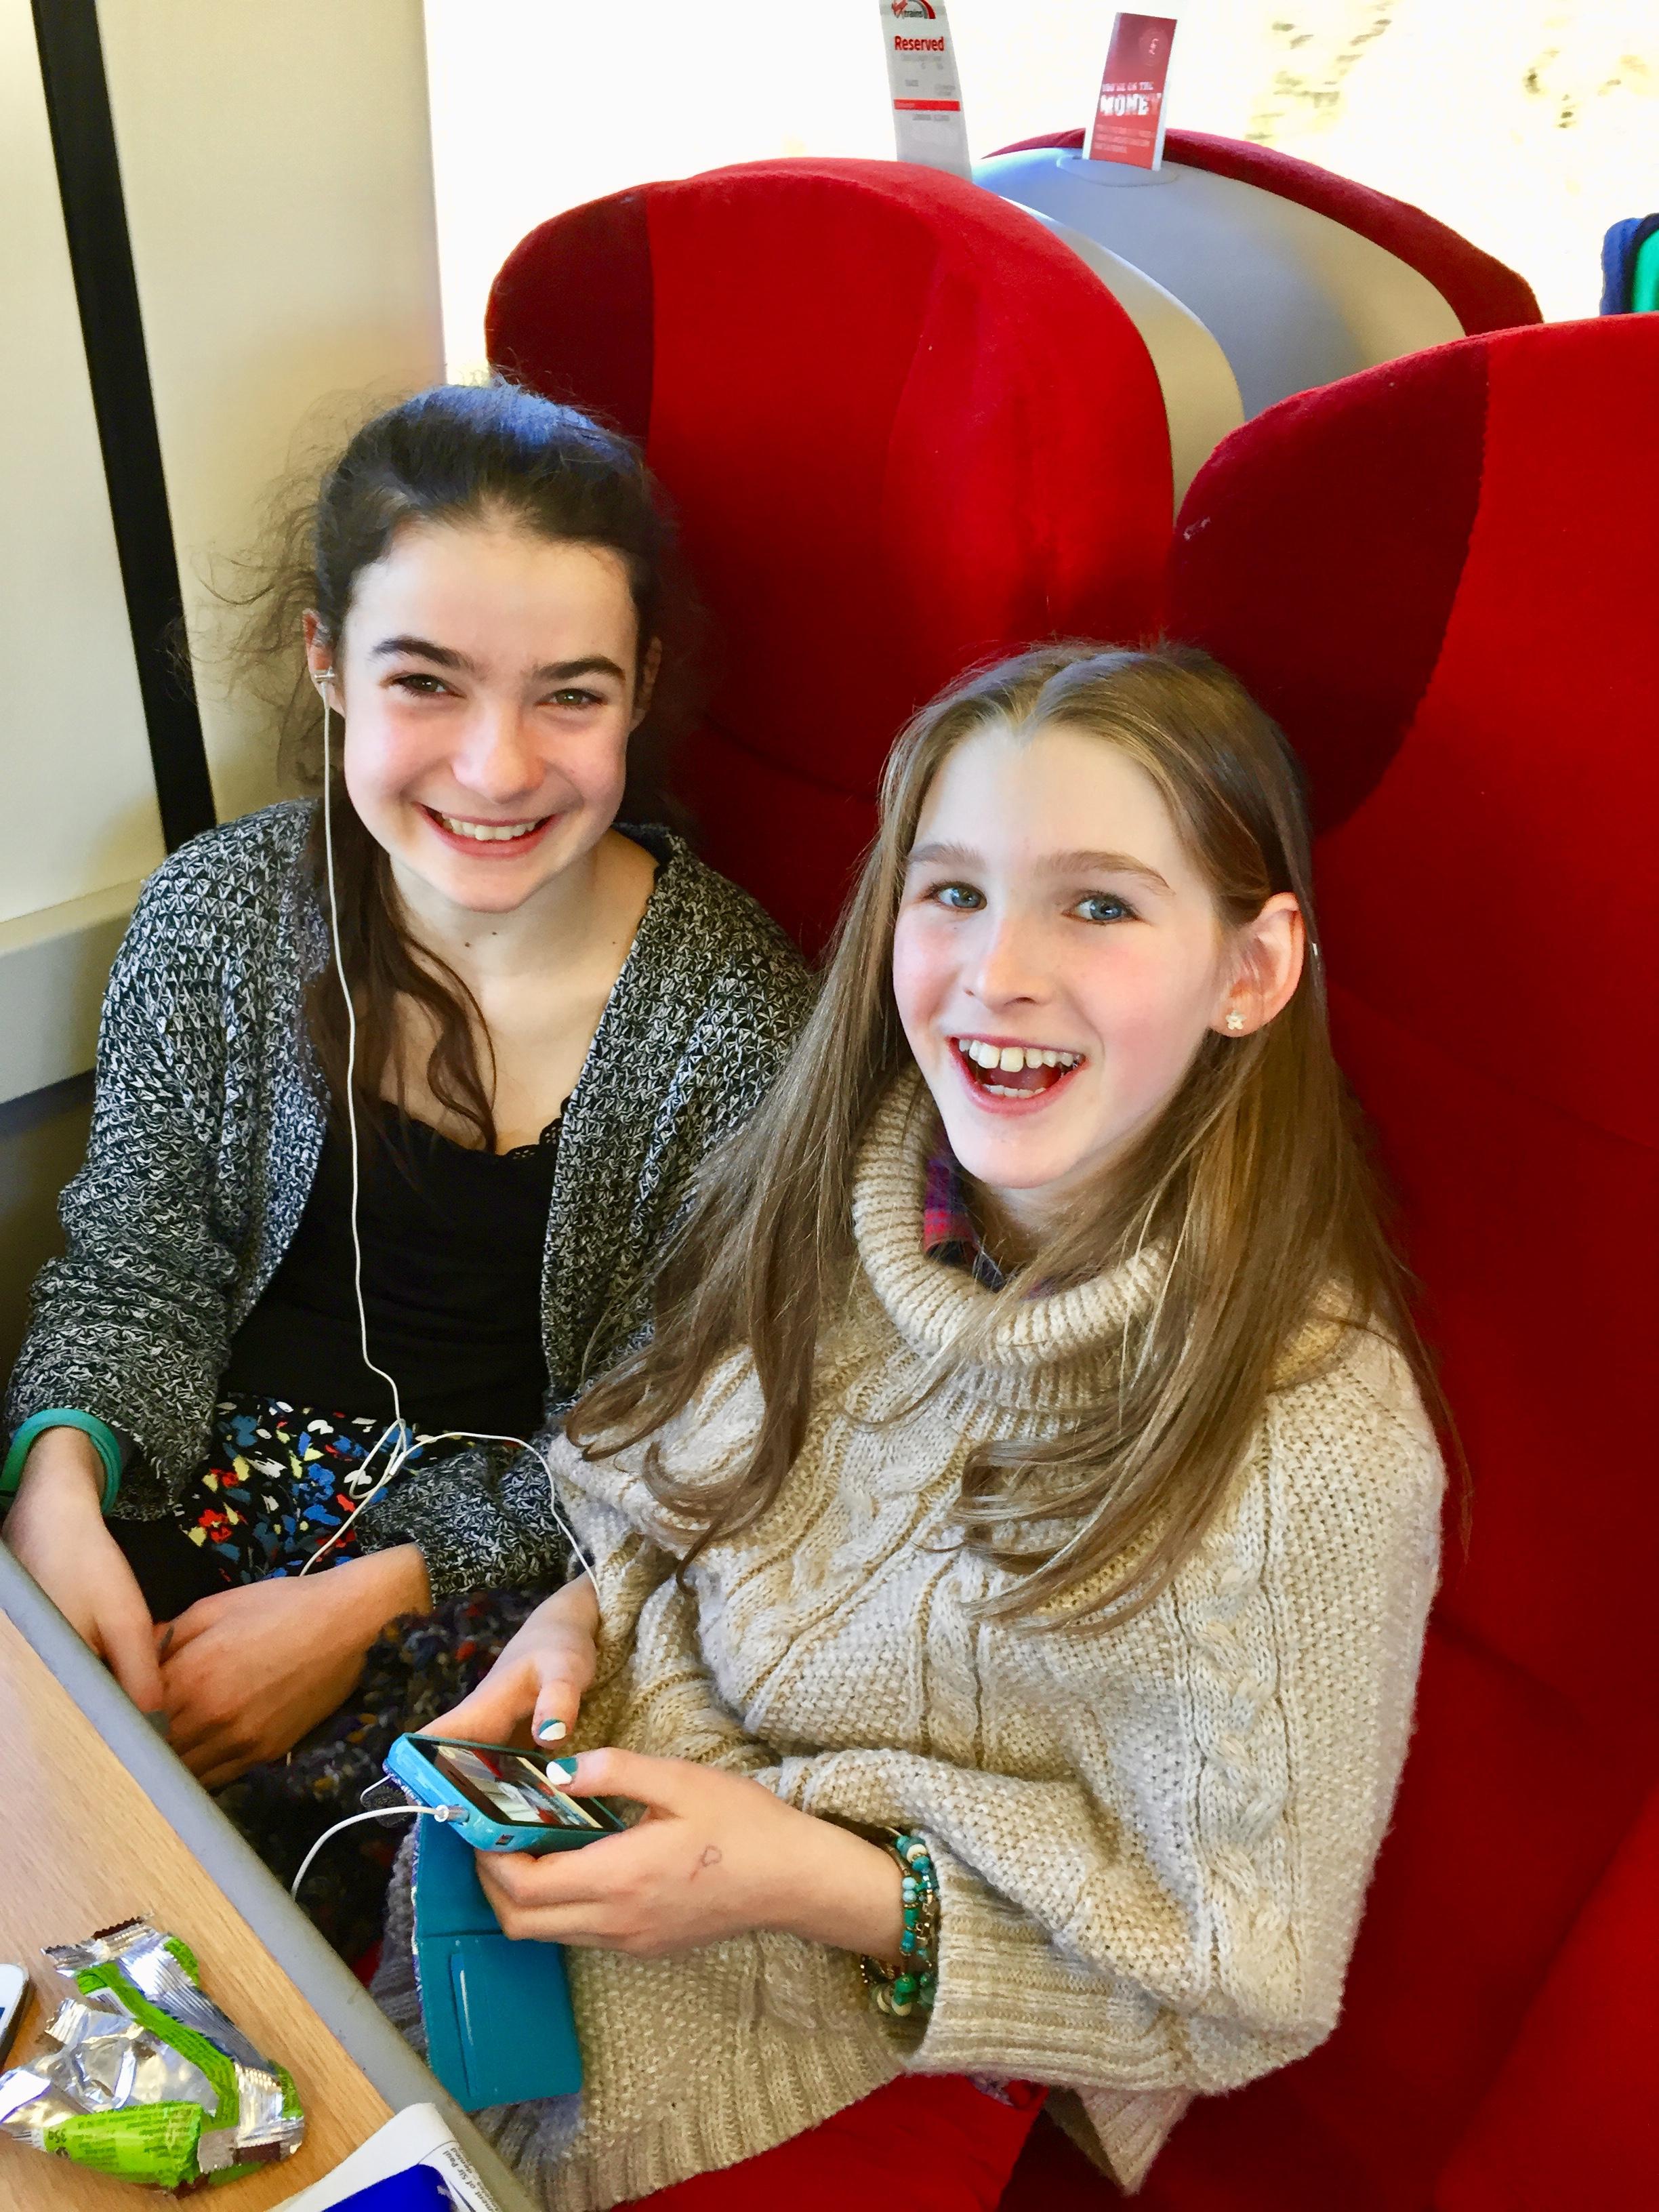 Katy and Alisha were very excited!